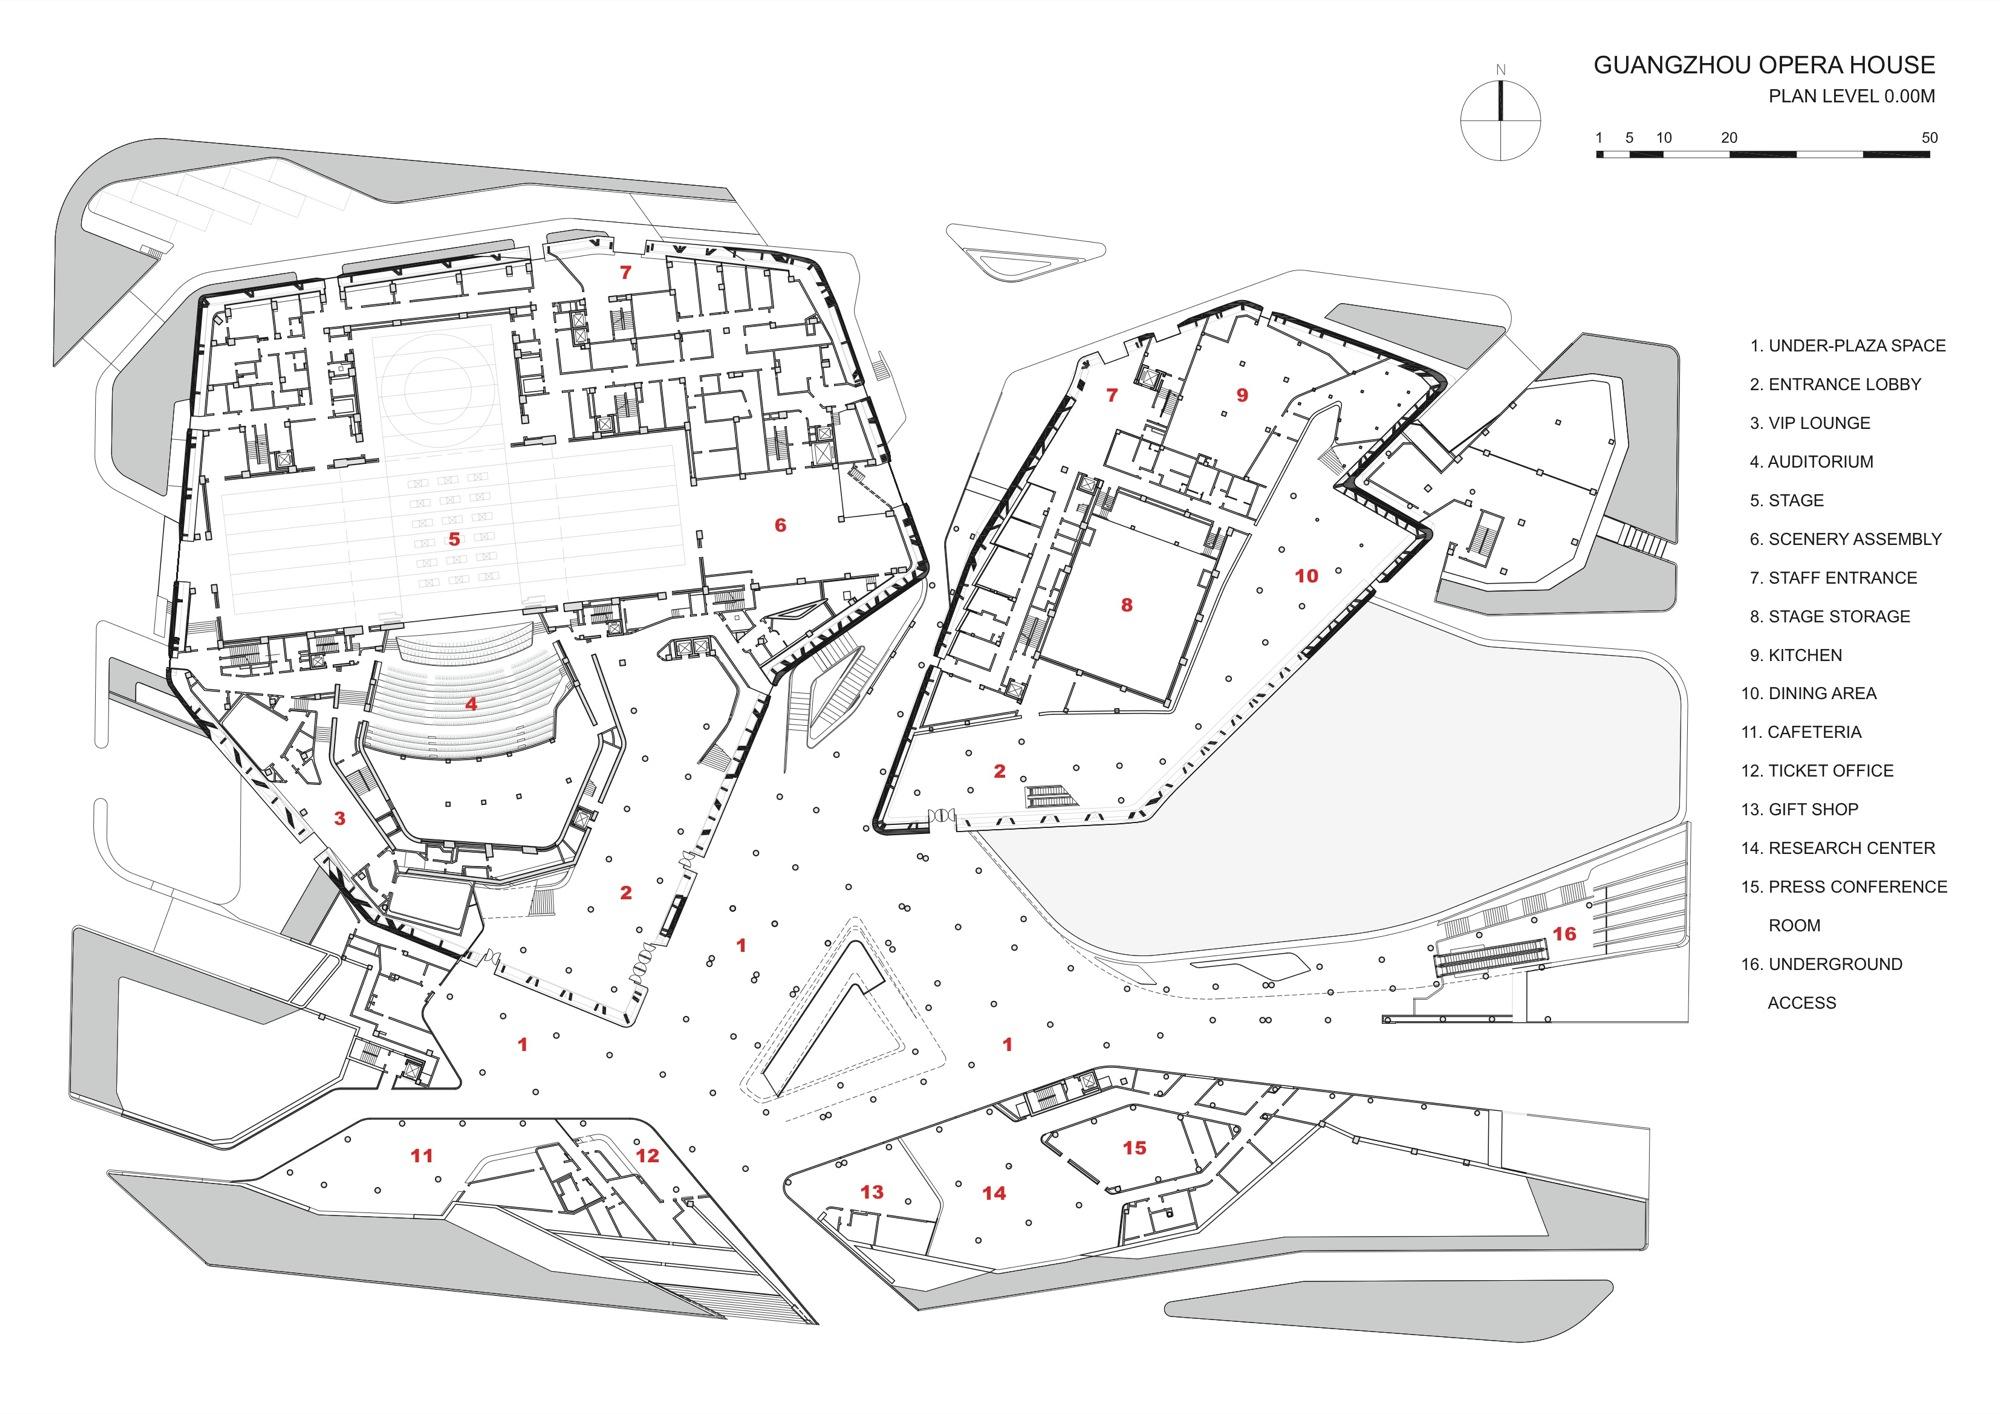 Gallery Of Guangzhou Opera House Zaha Hadid Architects 16